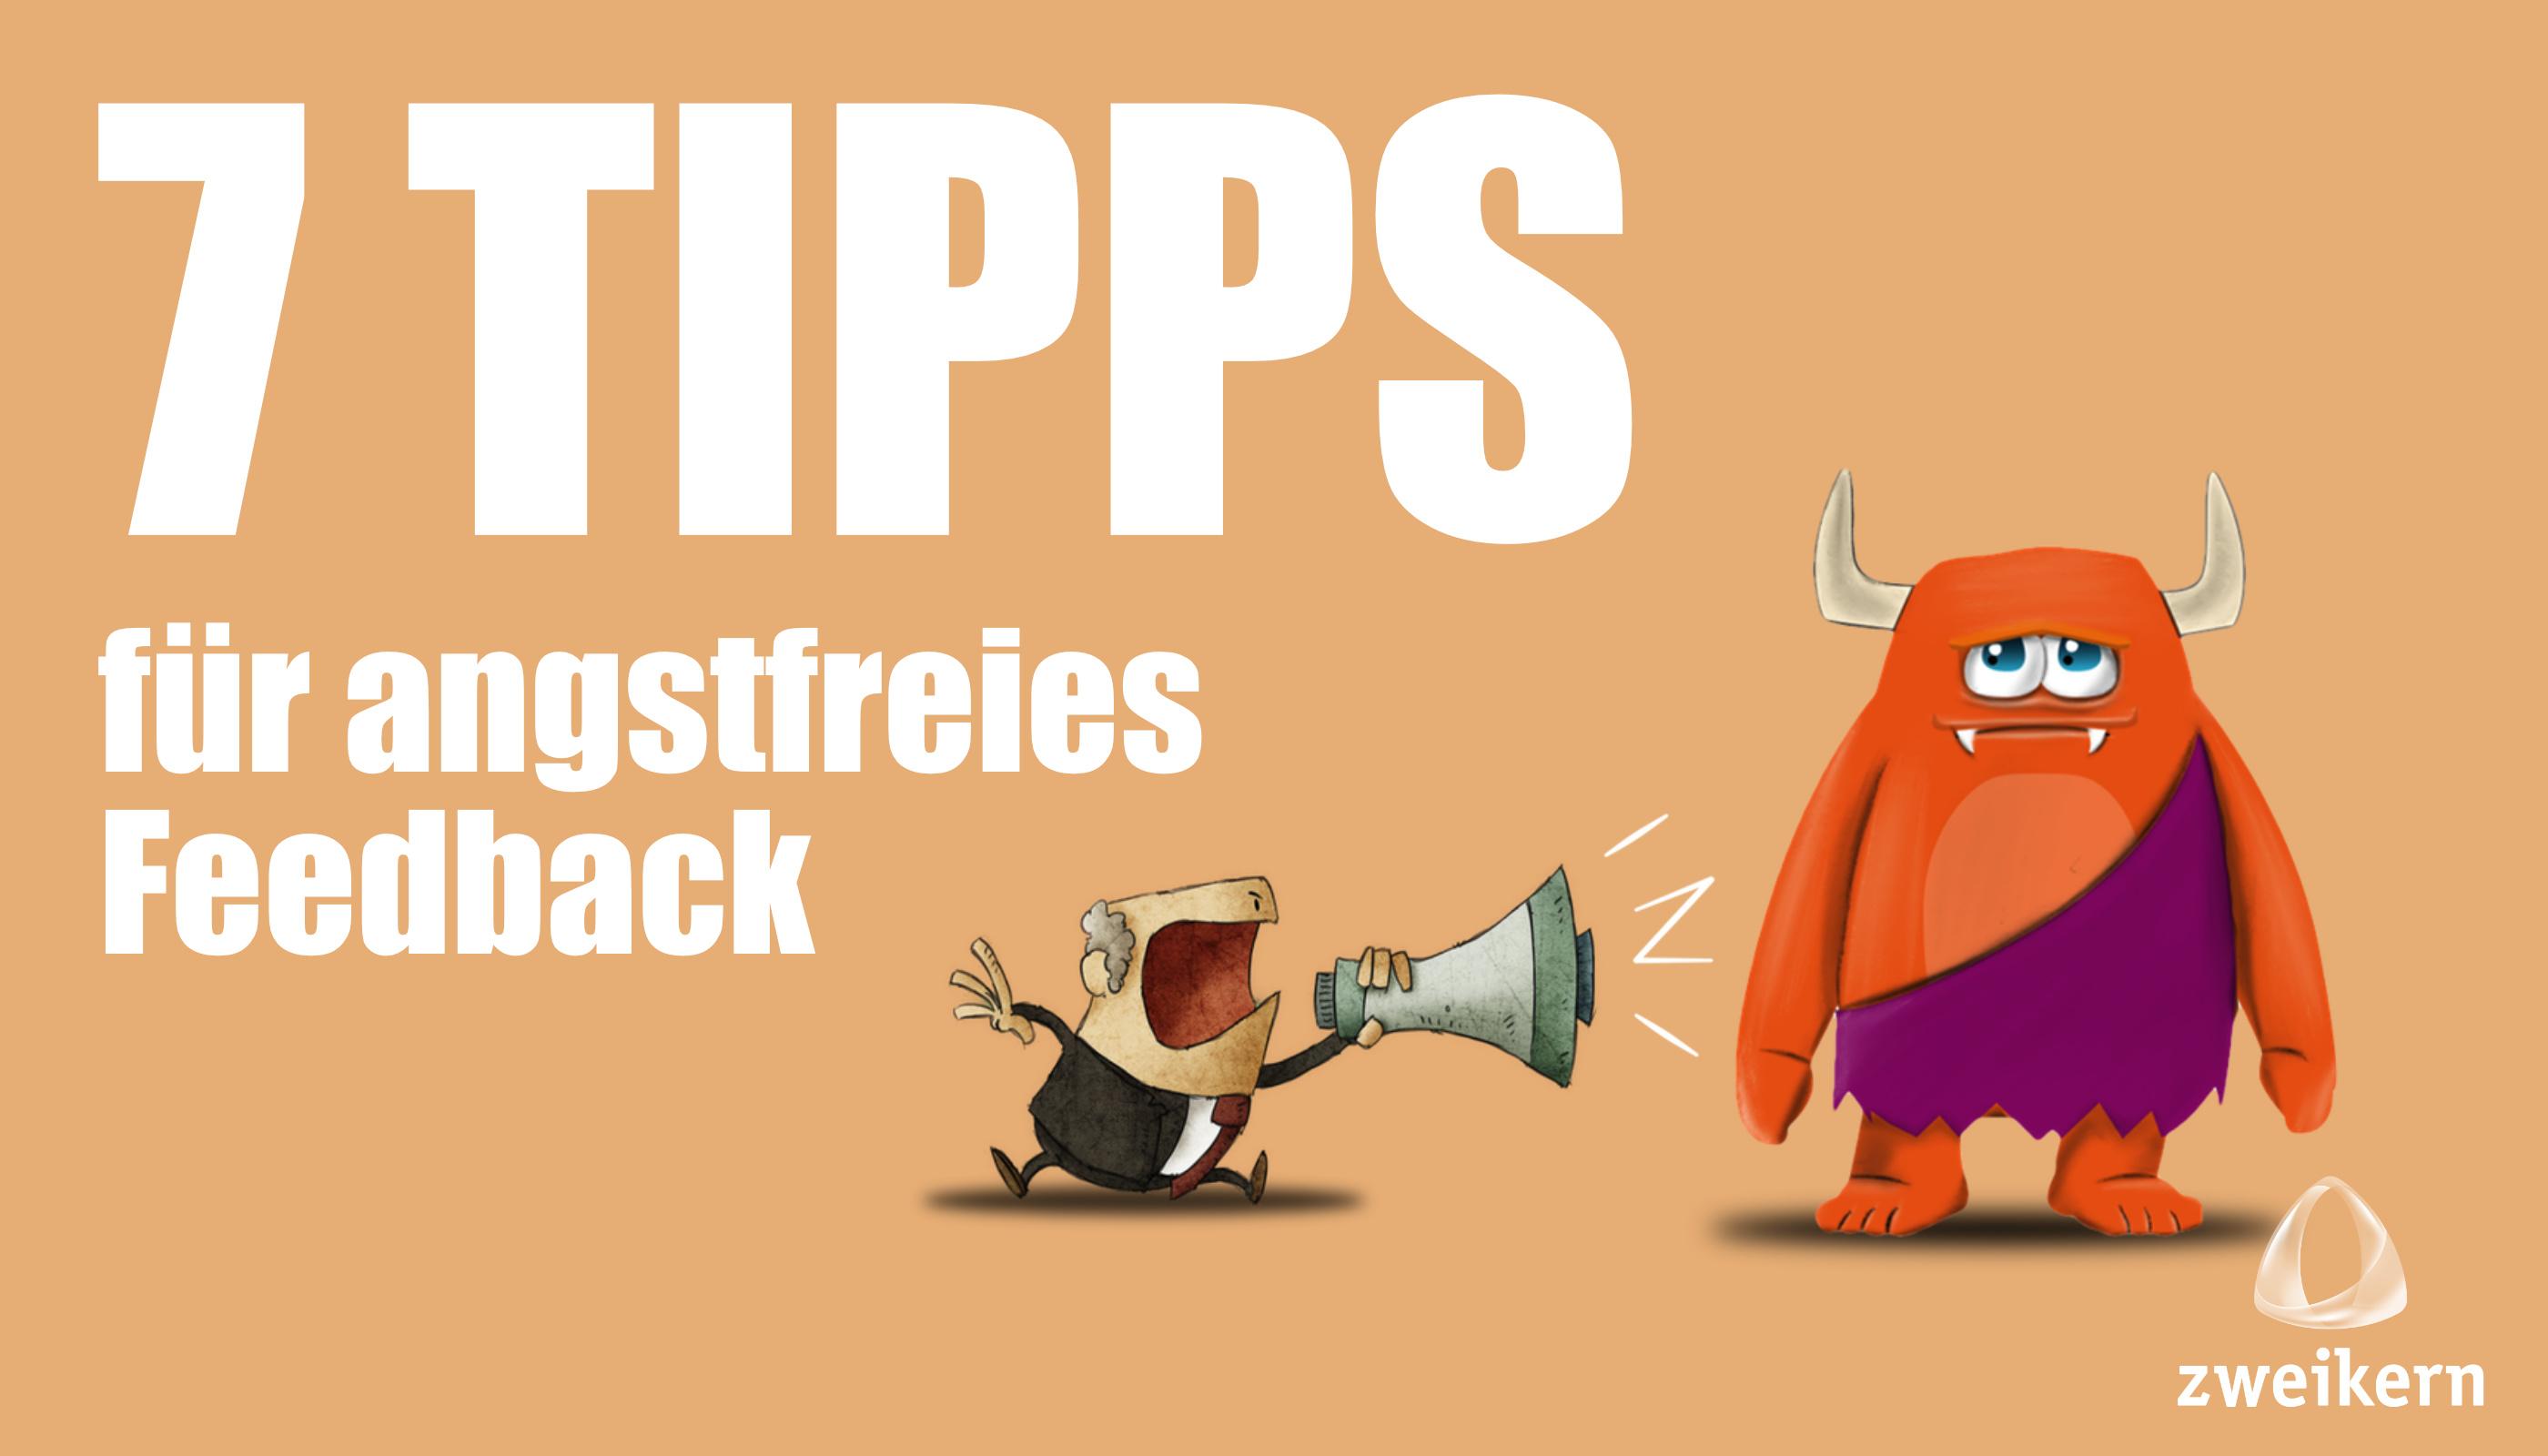 Feedbackgespräch: 7 Tipps für angstfreies Feedback